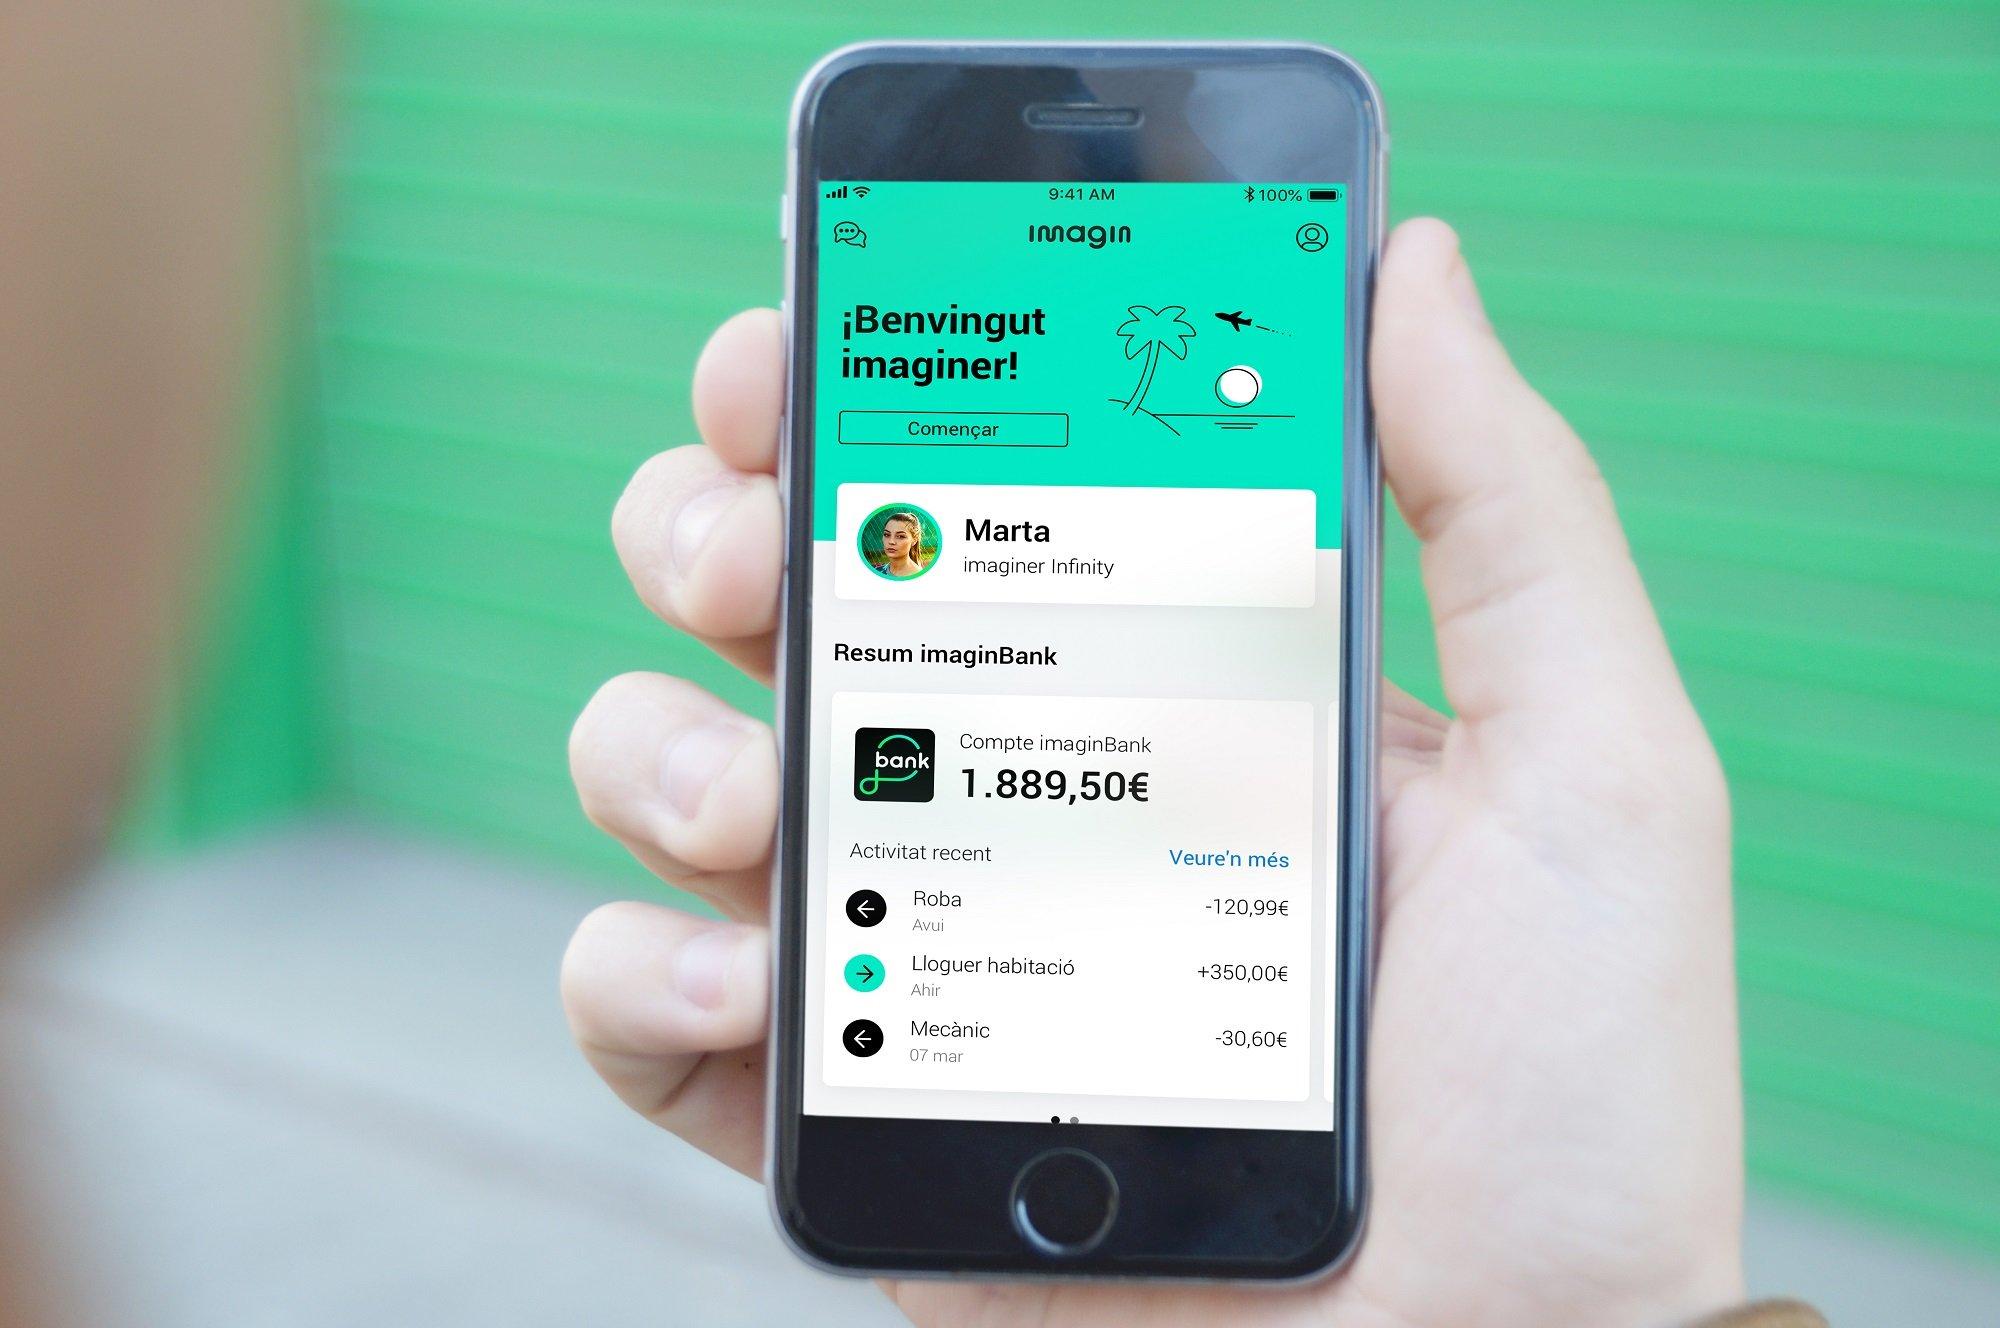 CaixaBank convierte imagin en una plataforma de servicios digitales y estilo de vida para 2,6 millones de jóvenes